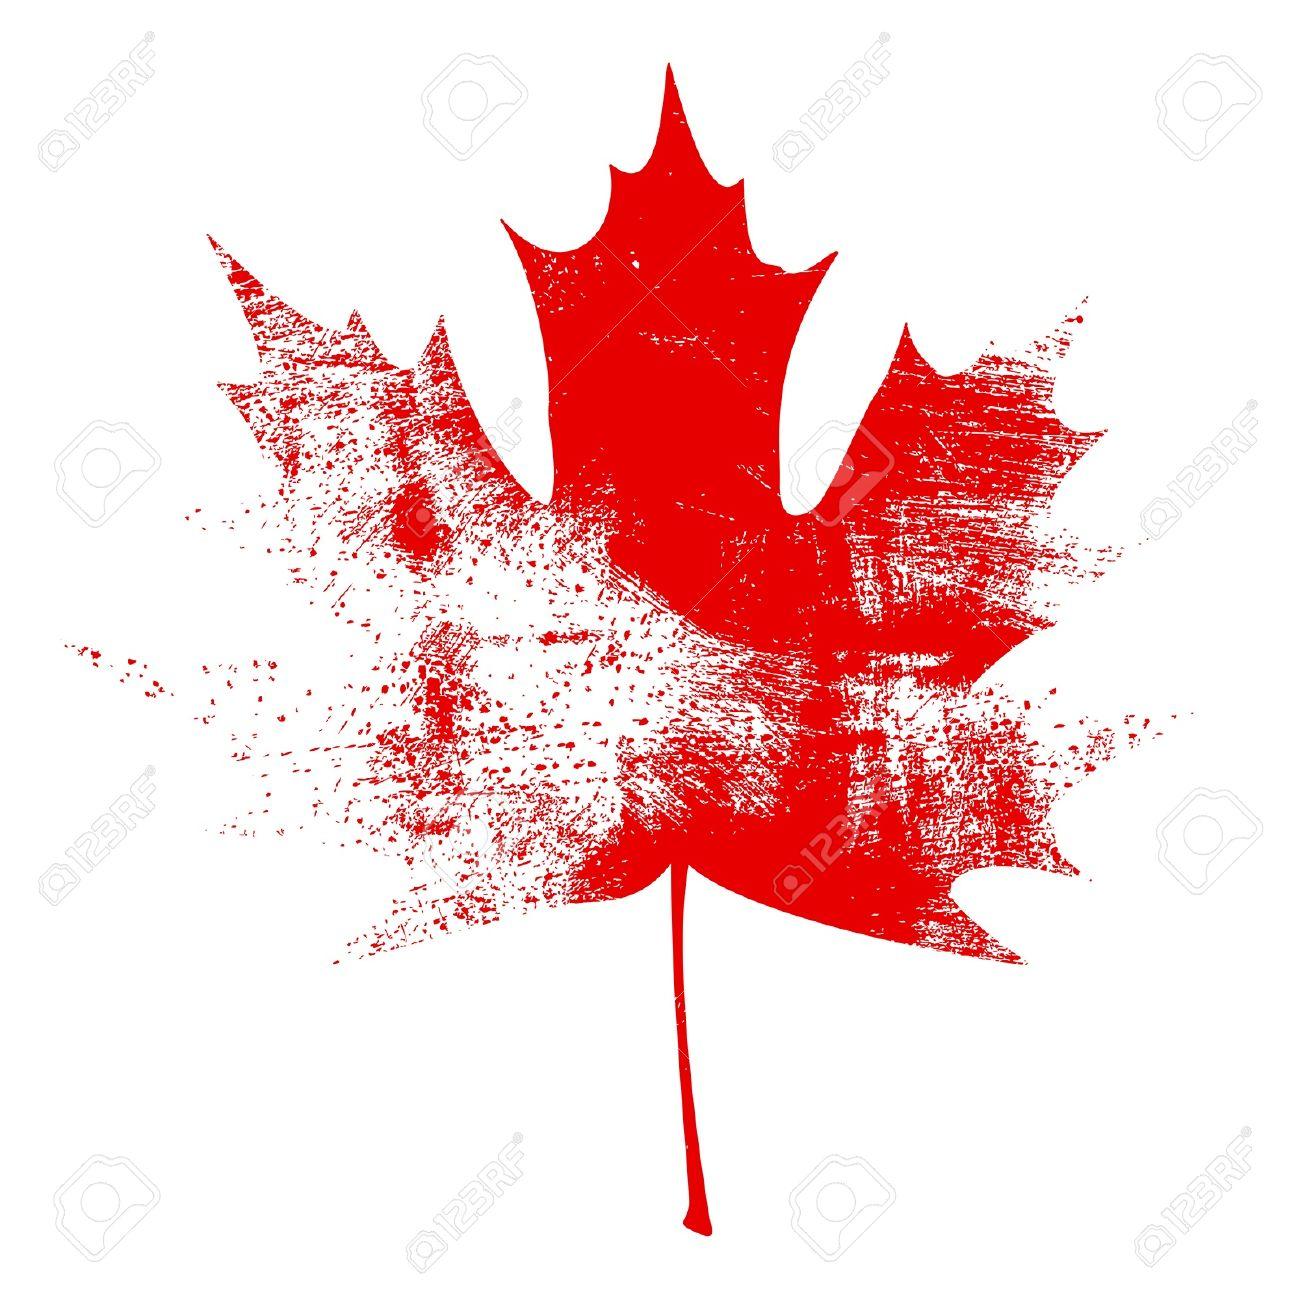 Red Grunge Maple Leaf Vector Illustration